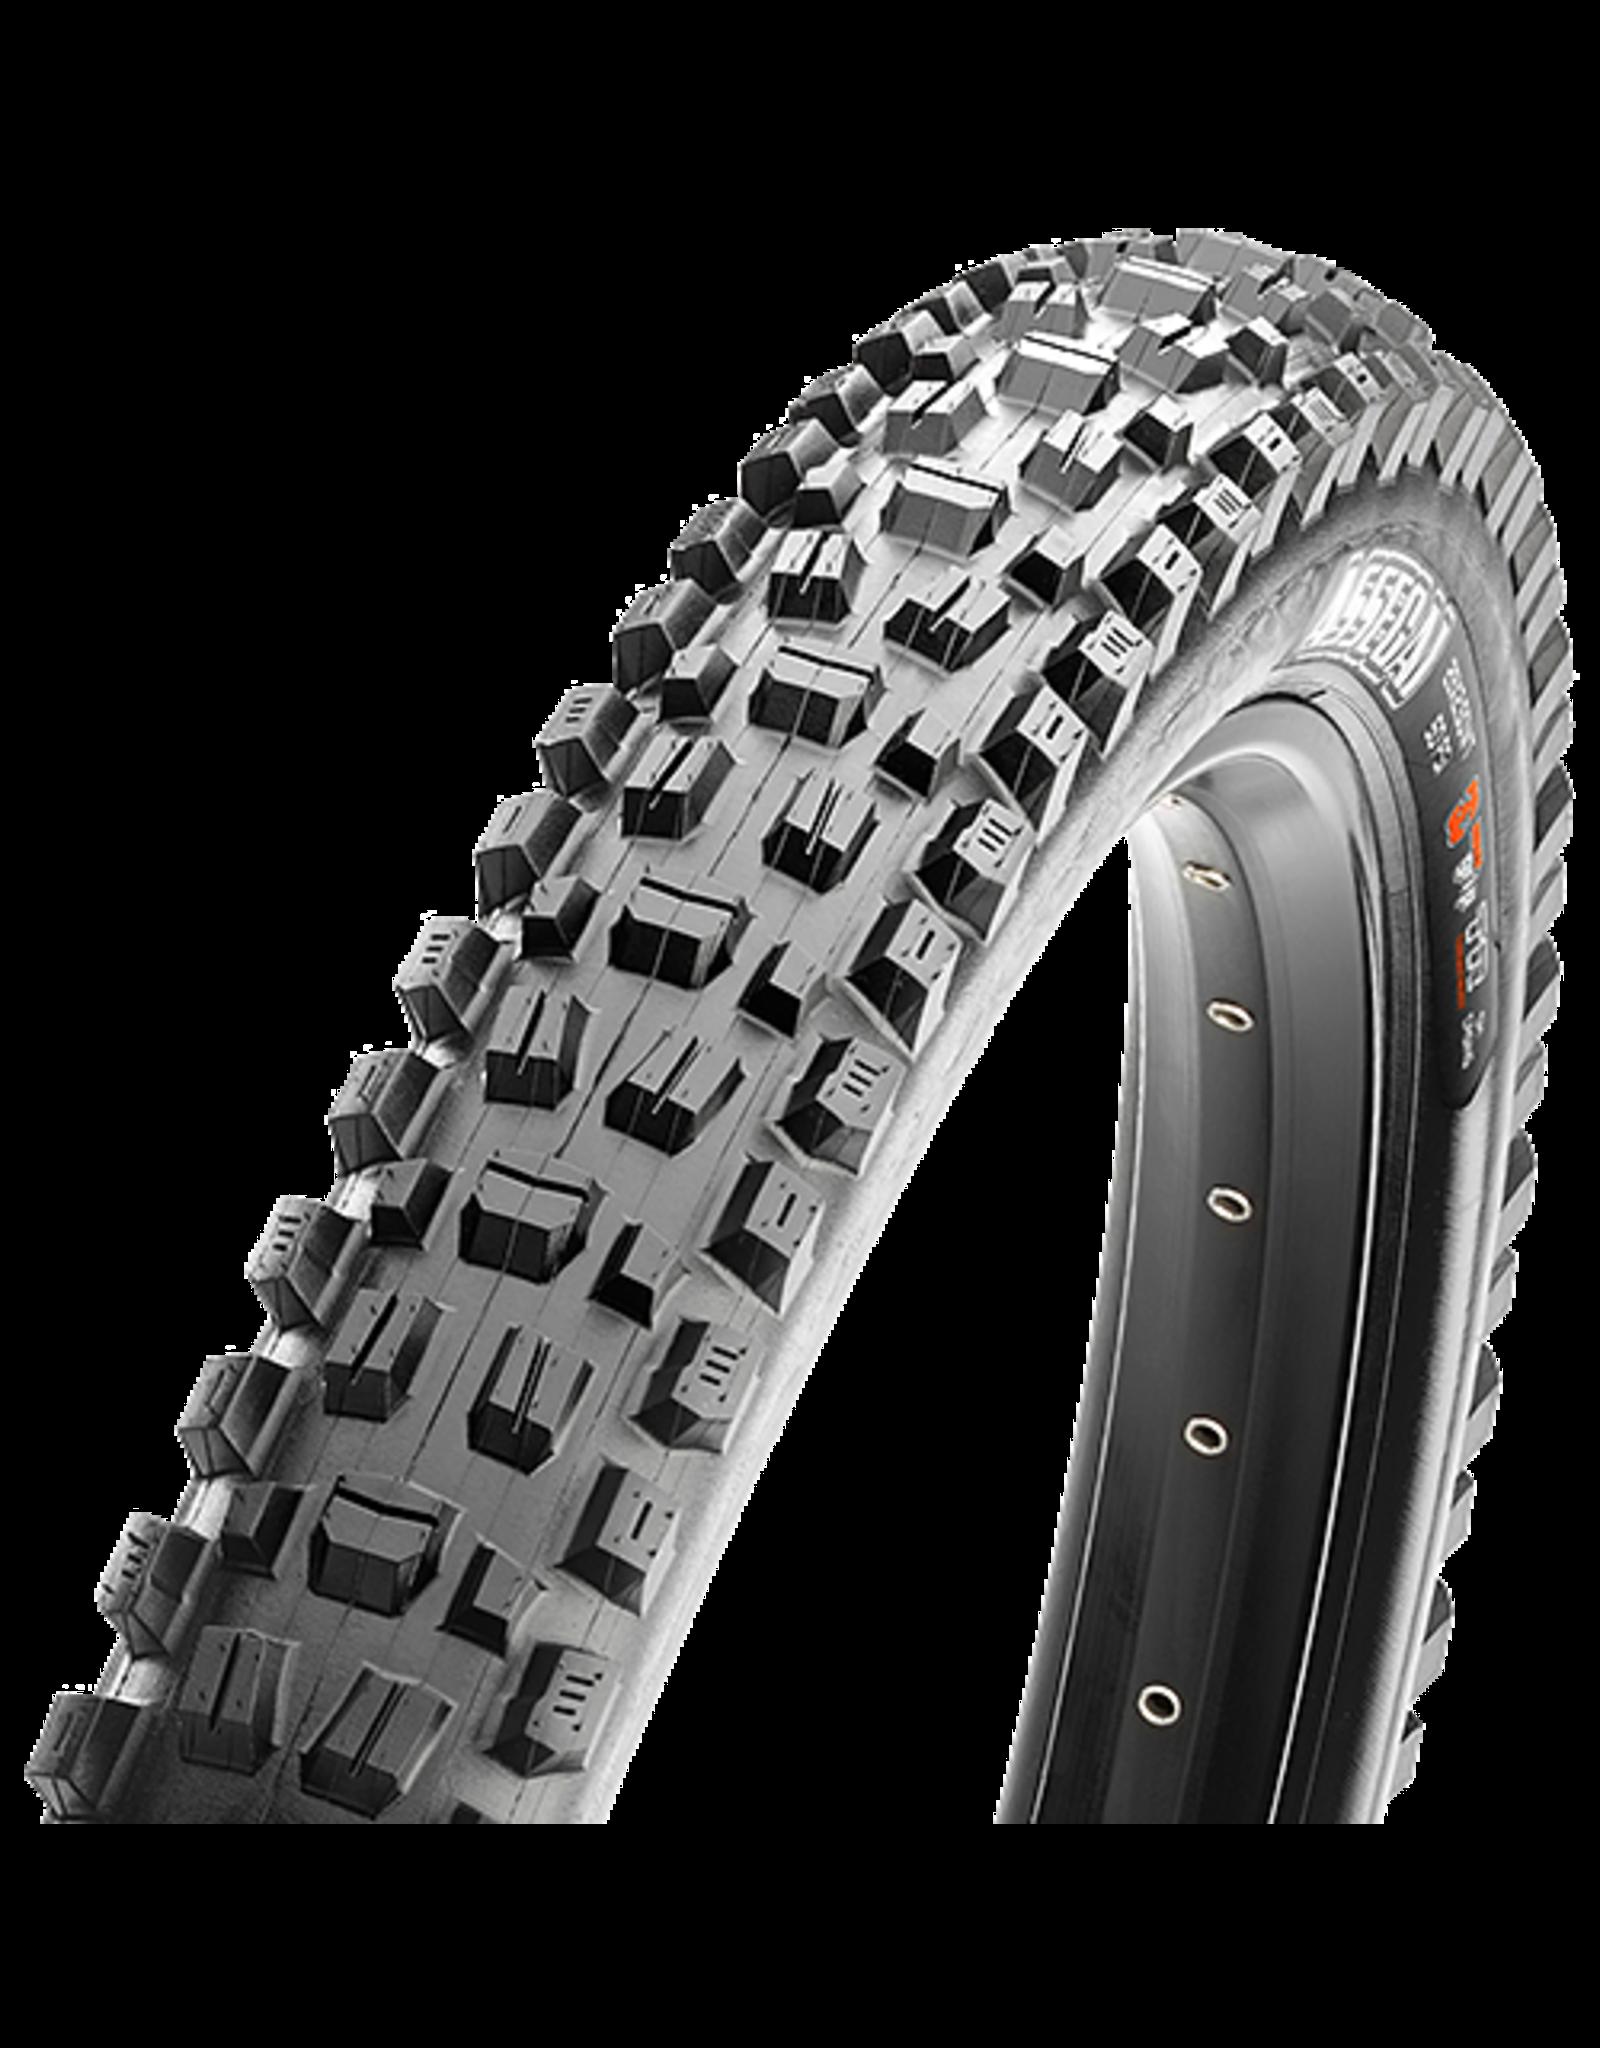 Maxxis Assegai Tire - 29 x 2.5, Folding, Tubeless, Black, 3C Maxx Grip, DD, Wide Trail